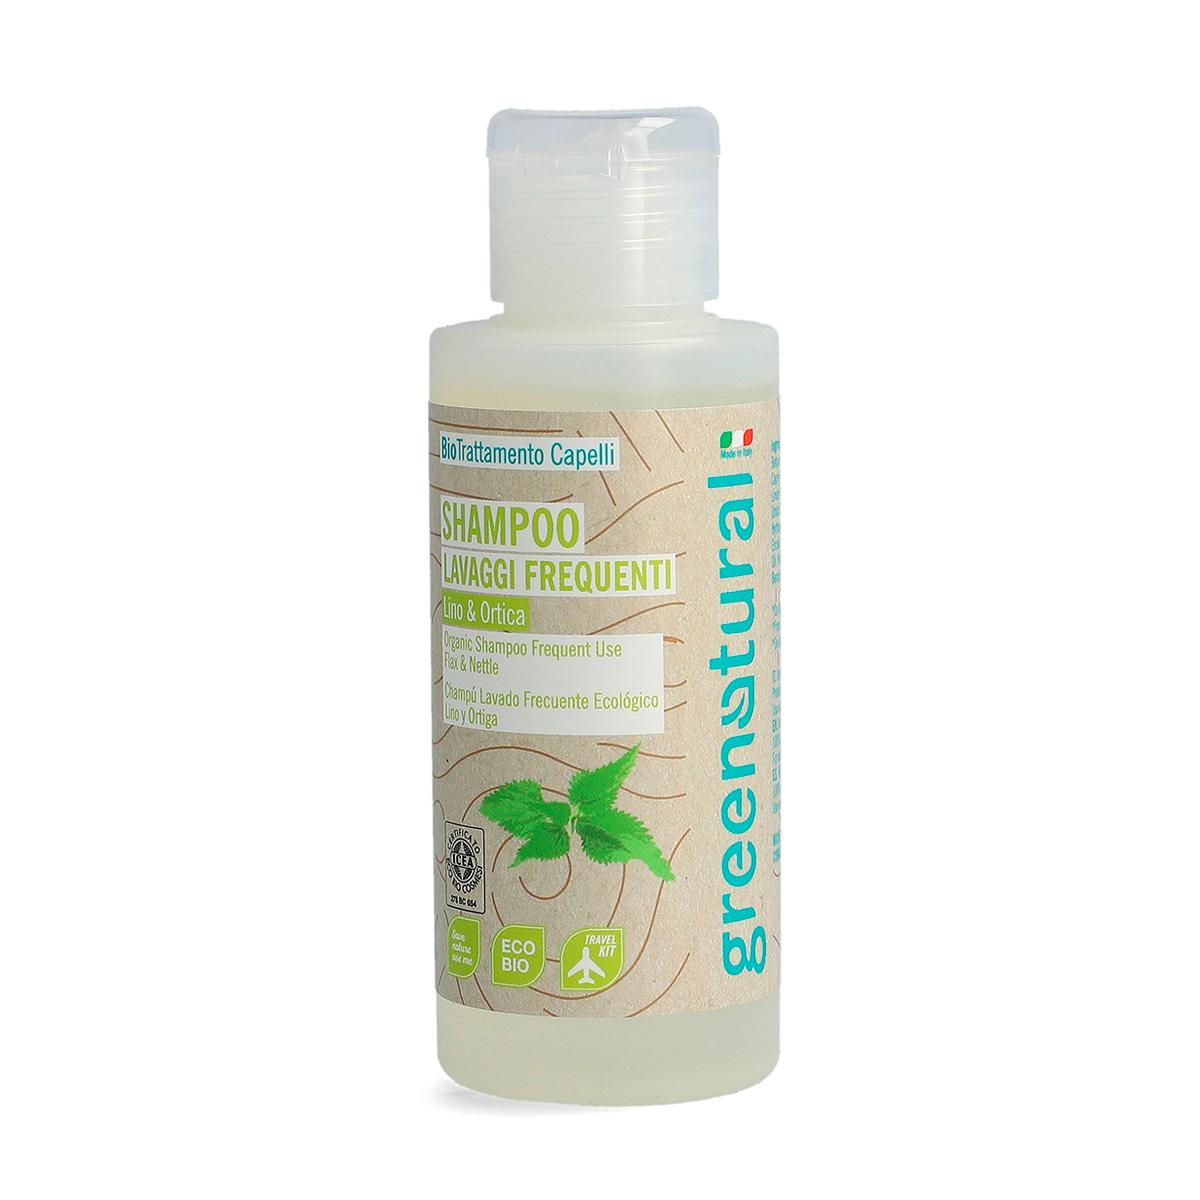 Greenatural – Shampoo Lavaggi Frequenti Lino & Ortica 100ml